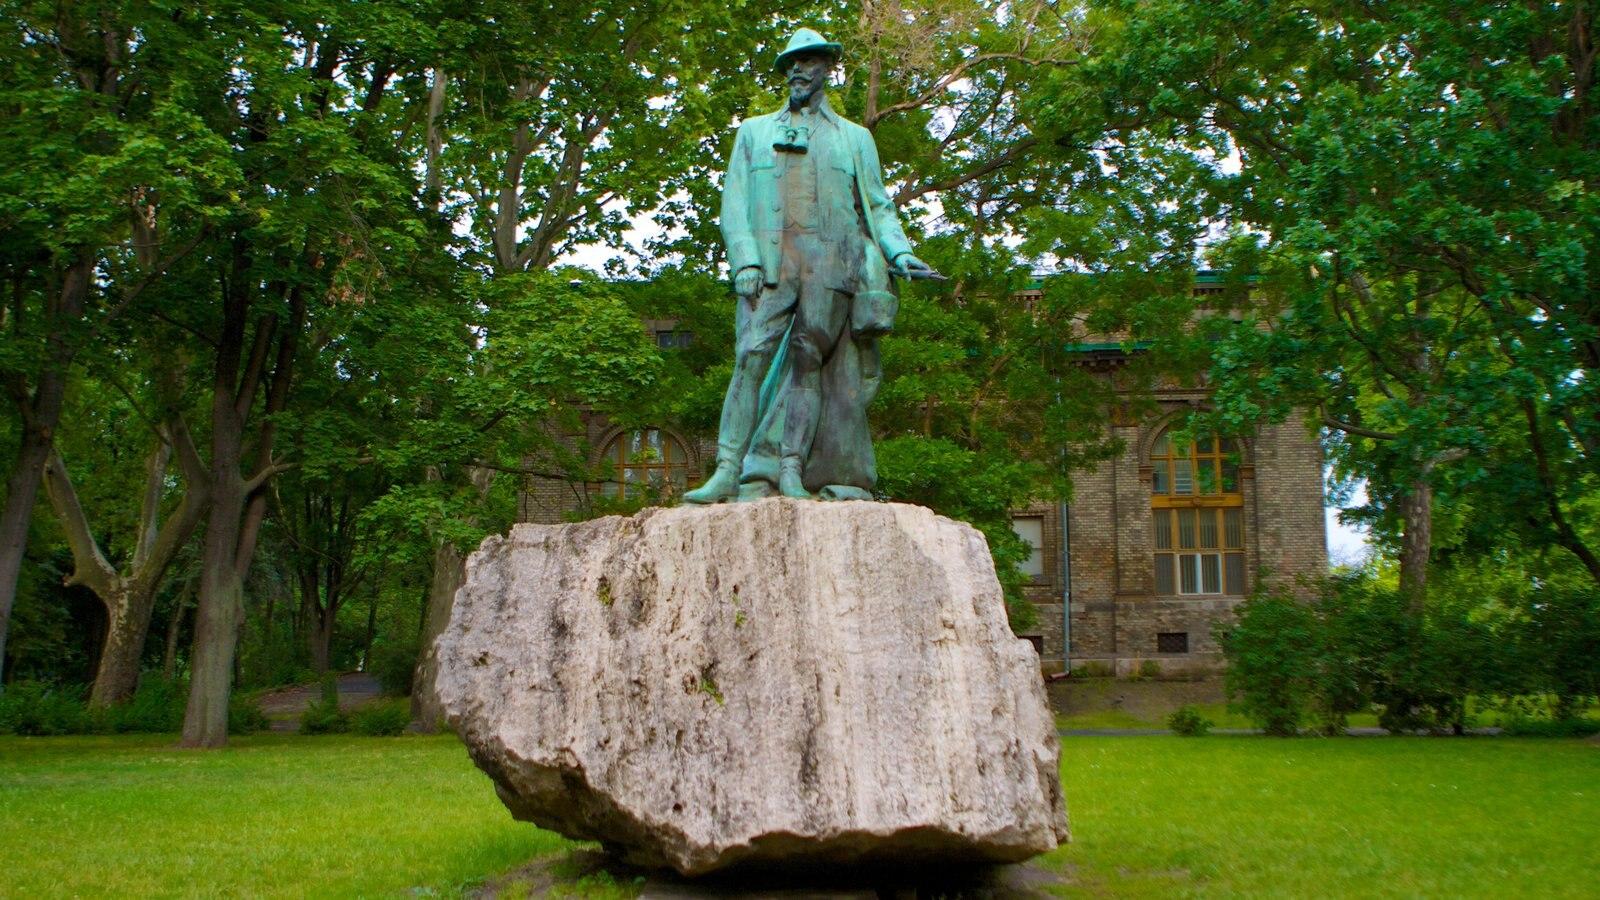 Parque municipal caracterizando uma estátua ou escultura e um jardim